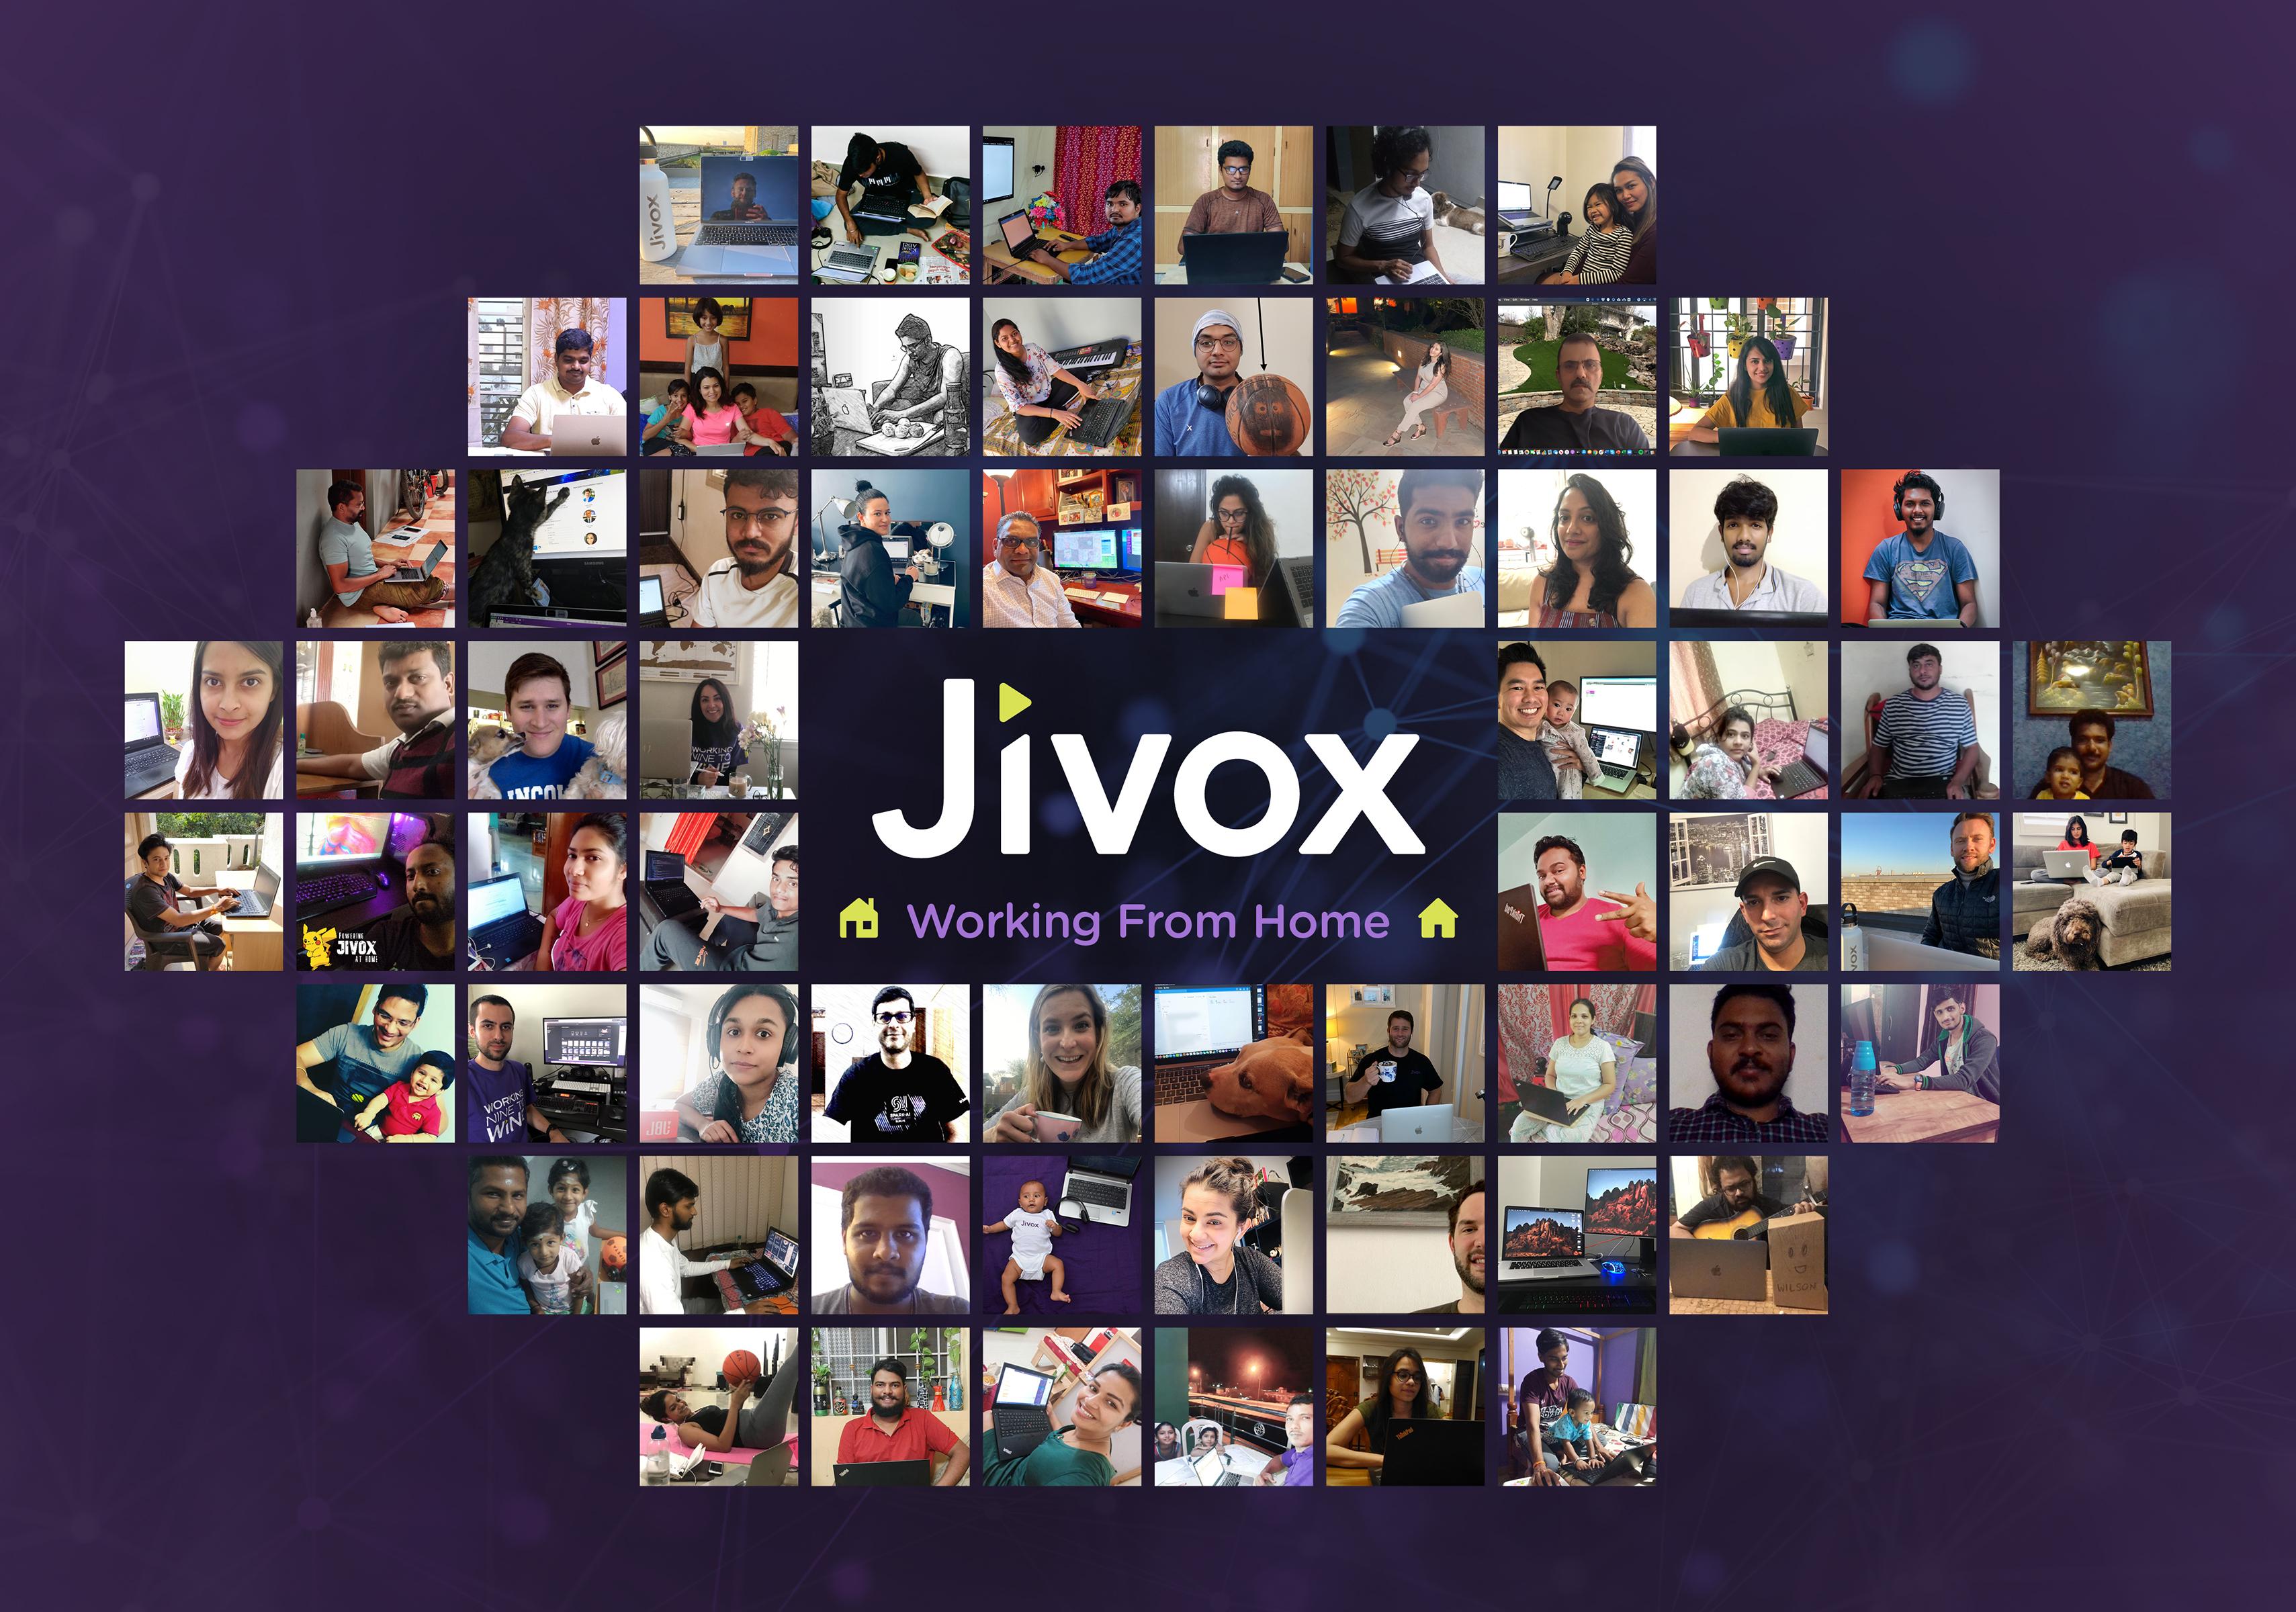 Jivox_WFH_2020_v7_crop_3418x2400